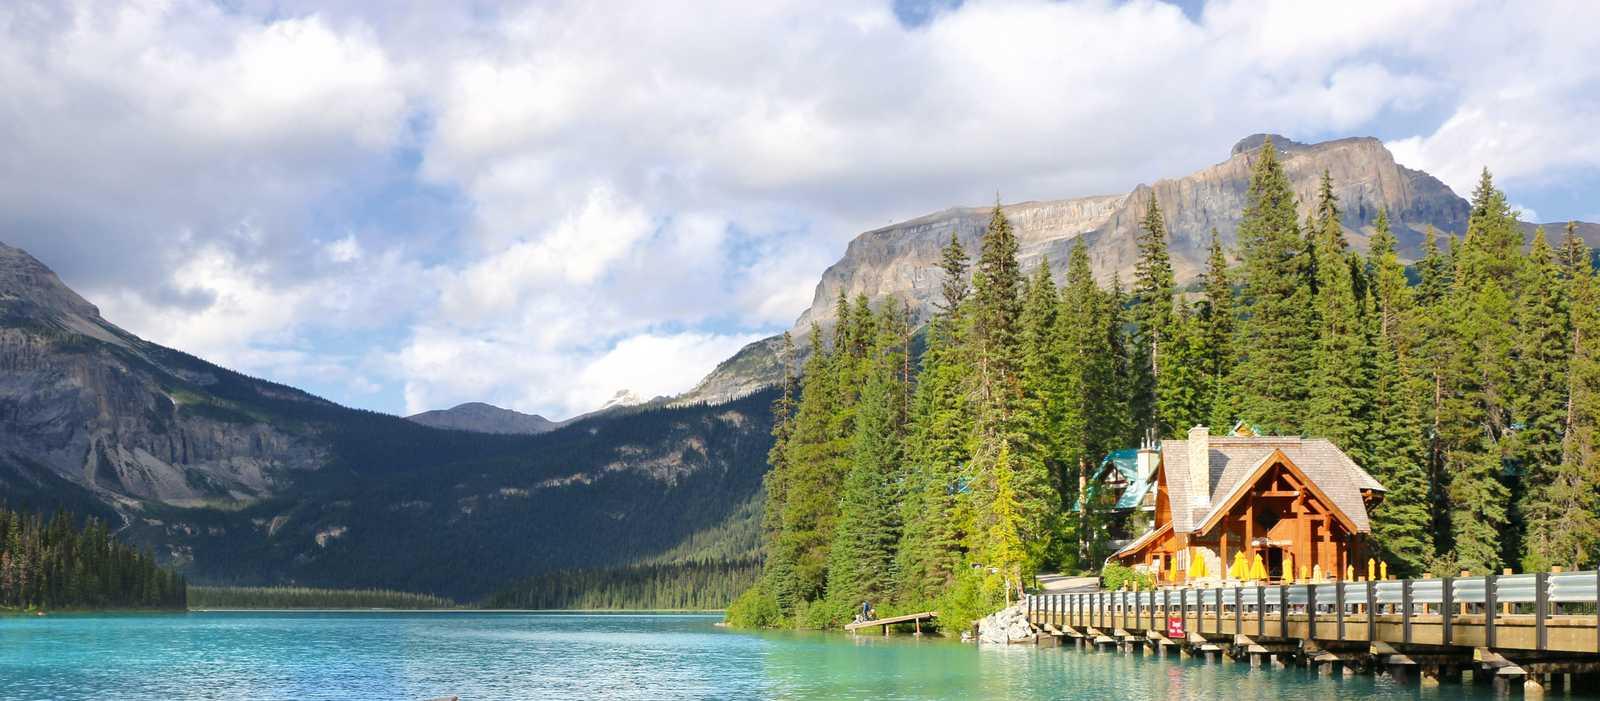 Kanus am Emerald Lake